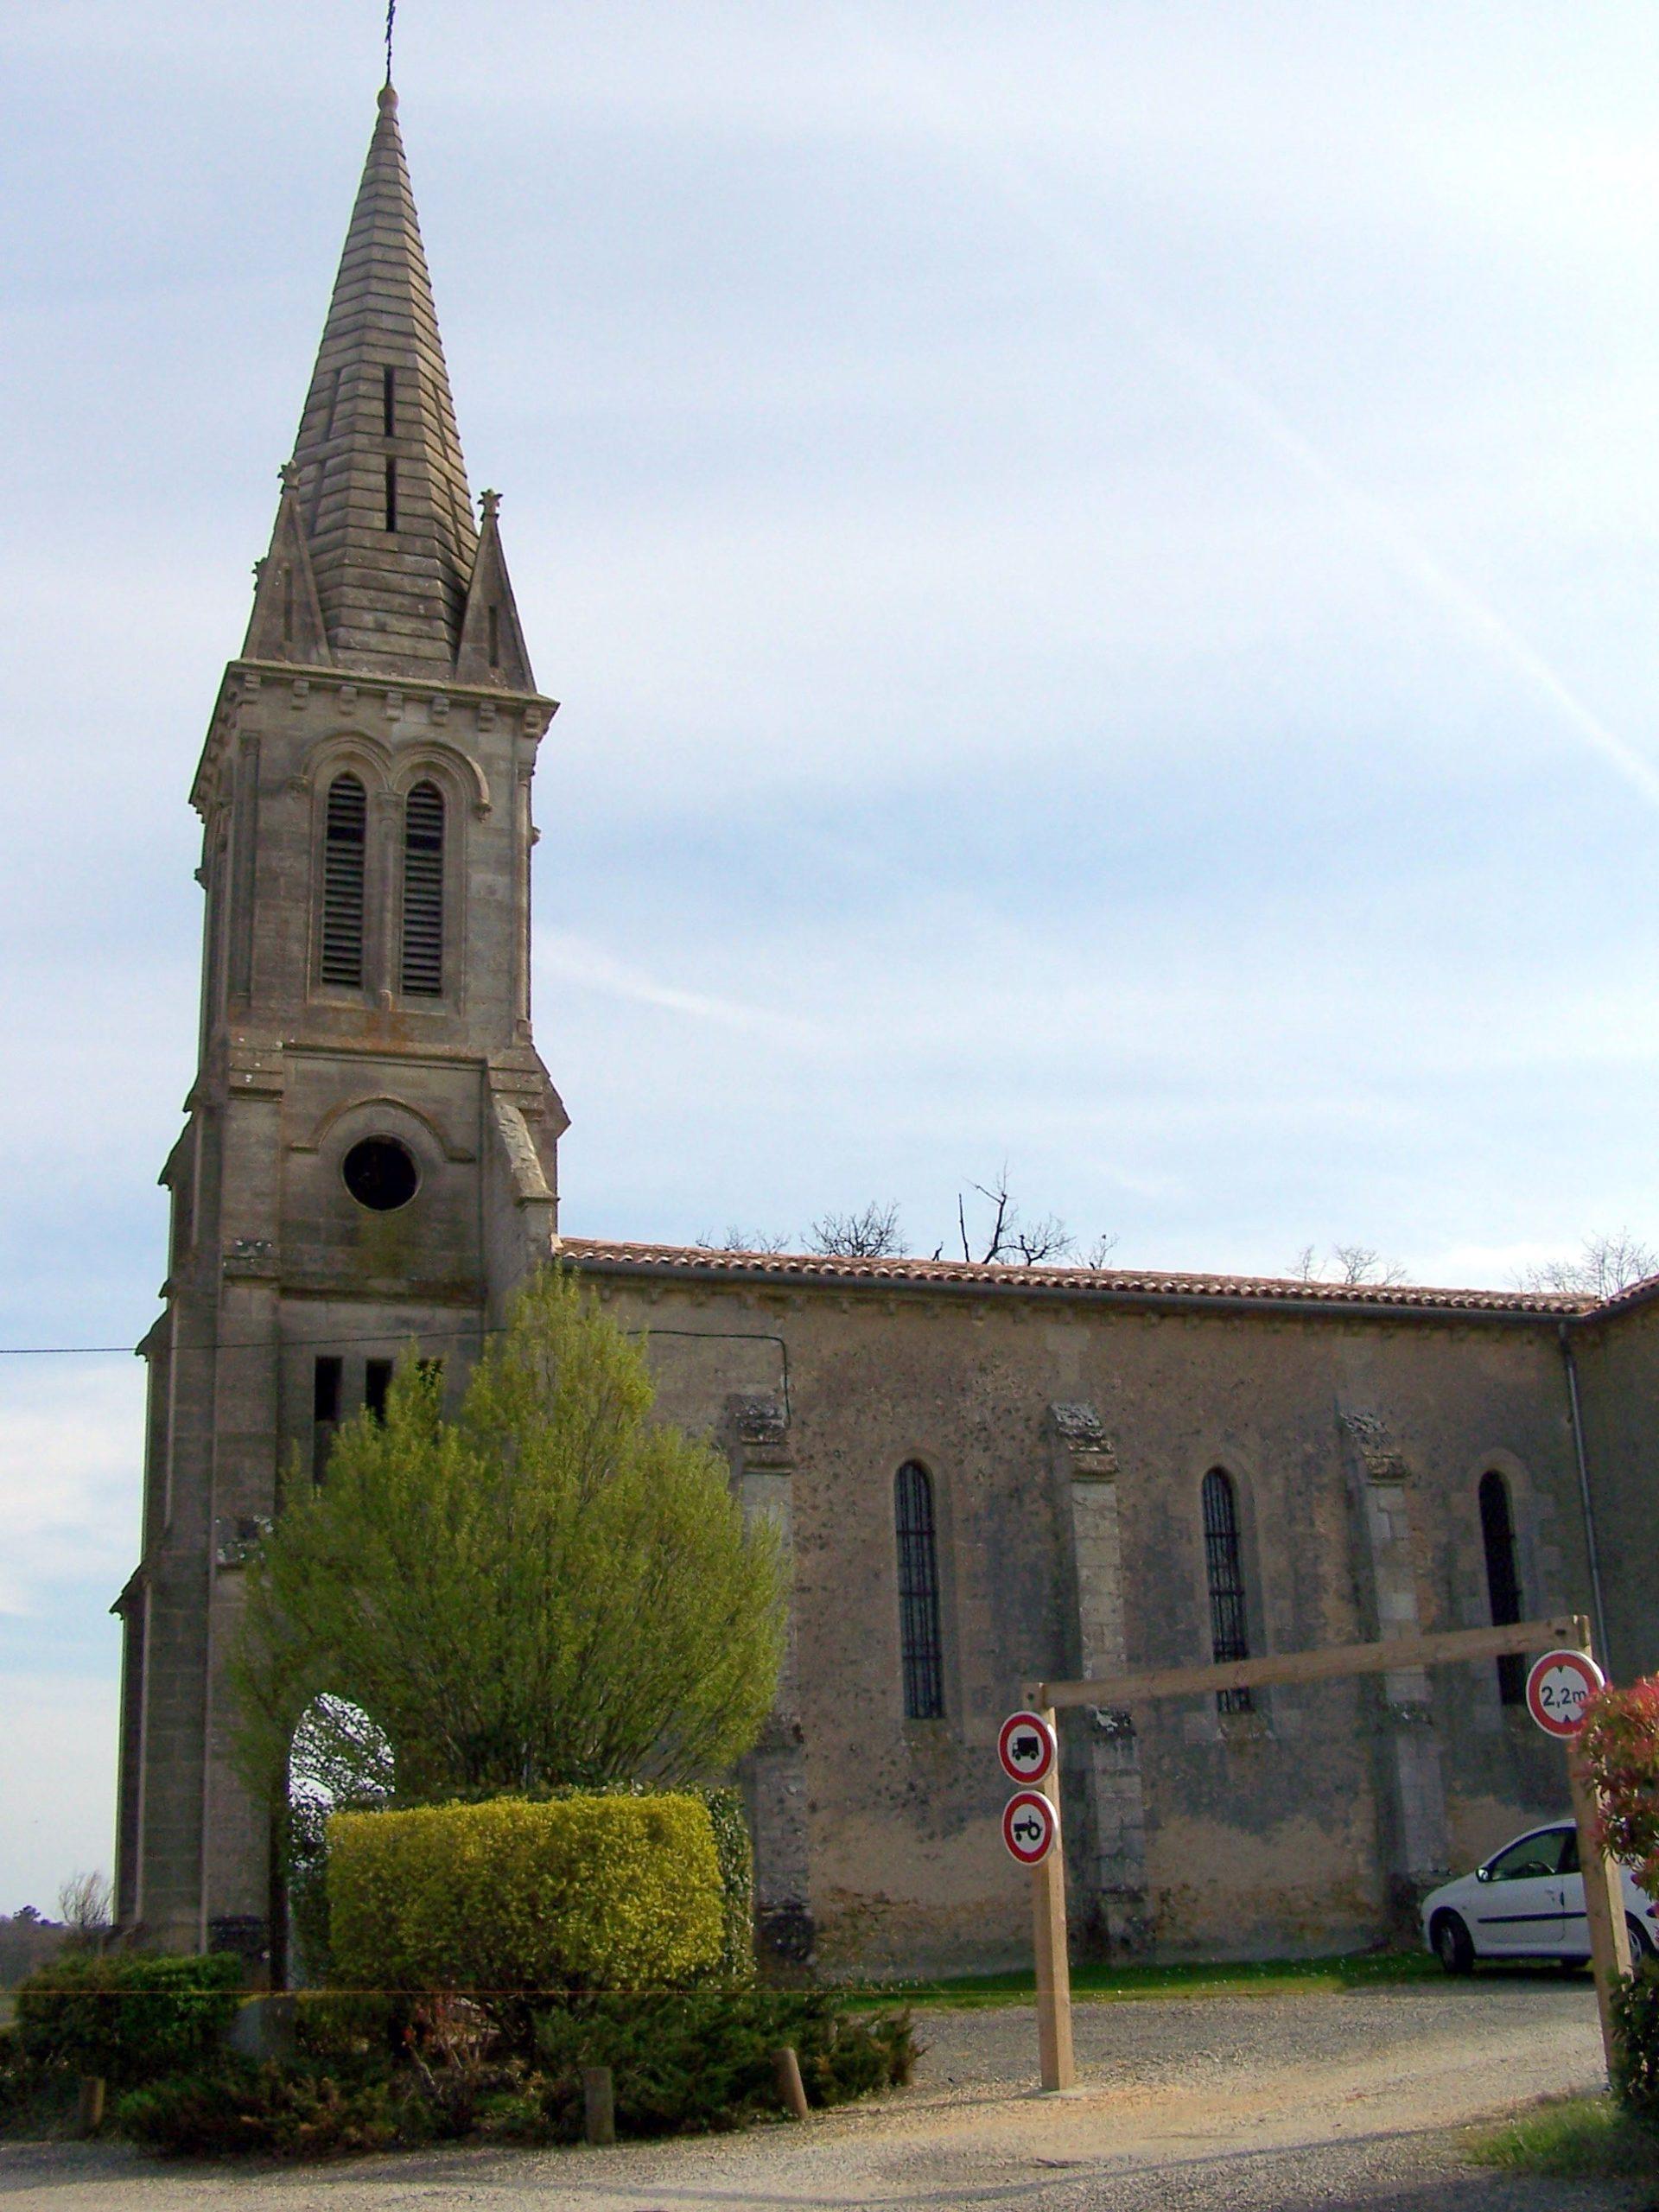 Eglise Saint-Germain de Saint-Germain-de-Graves Saint-Germain-de-Grave